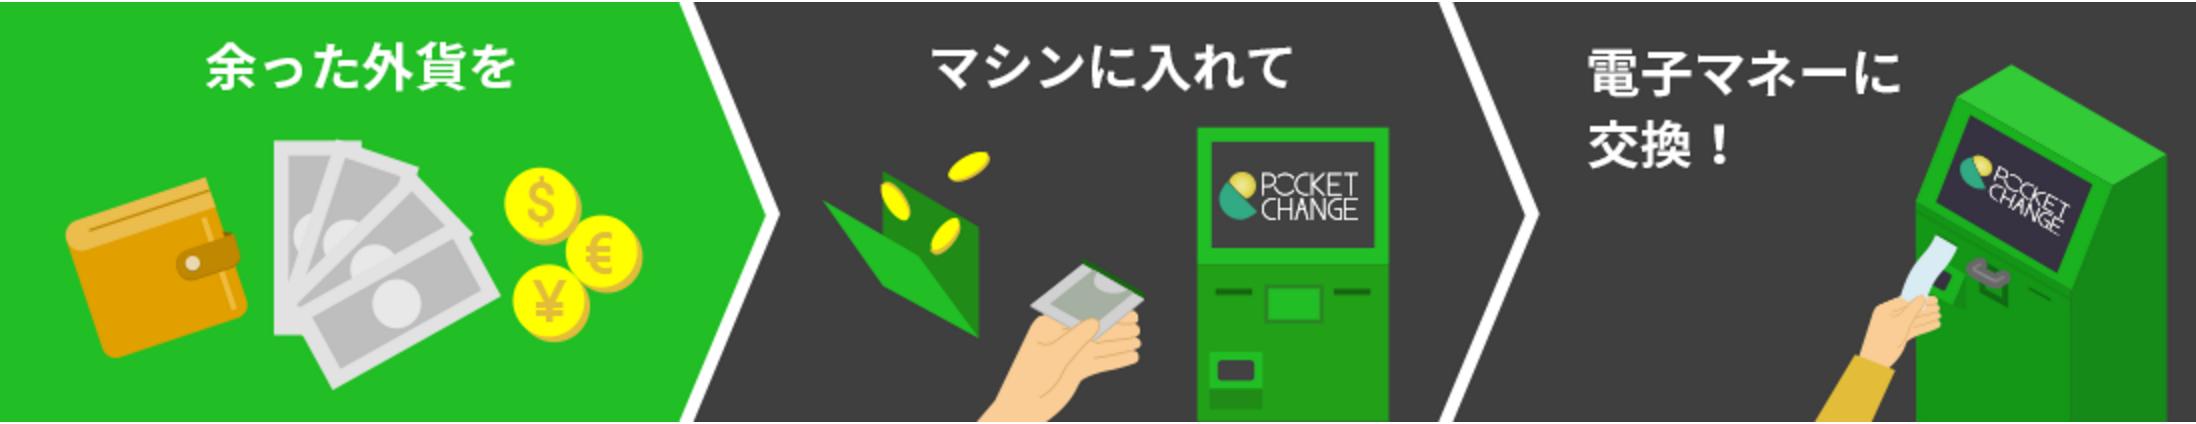 海外旅行で余ったお金をSuicaやAmazonギフト券に交換出来る?7月から羽田空港に設置!